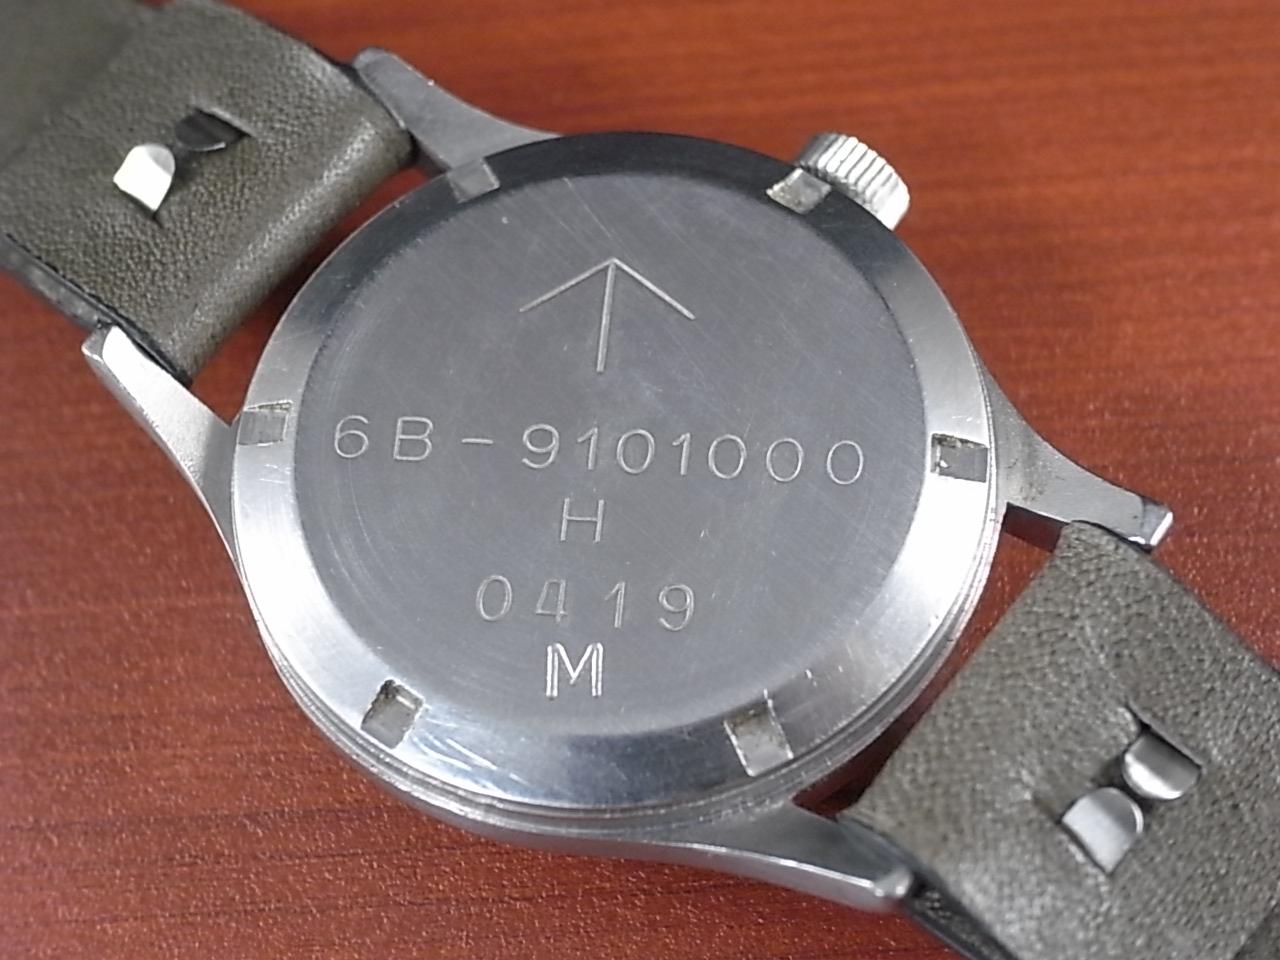 ハミルトン 軍用時計 ロイヤルエアフォース ラウンド 6B 1960年代の写真4枚目